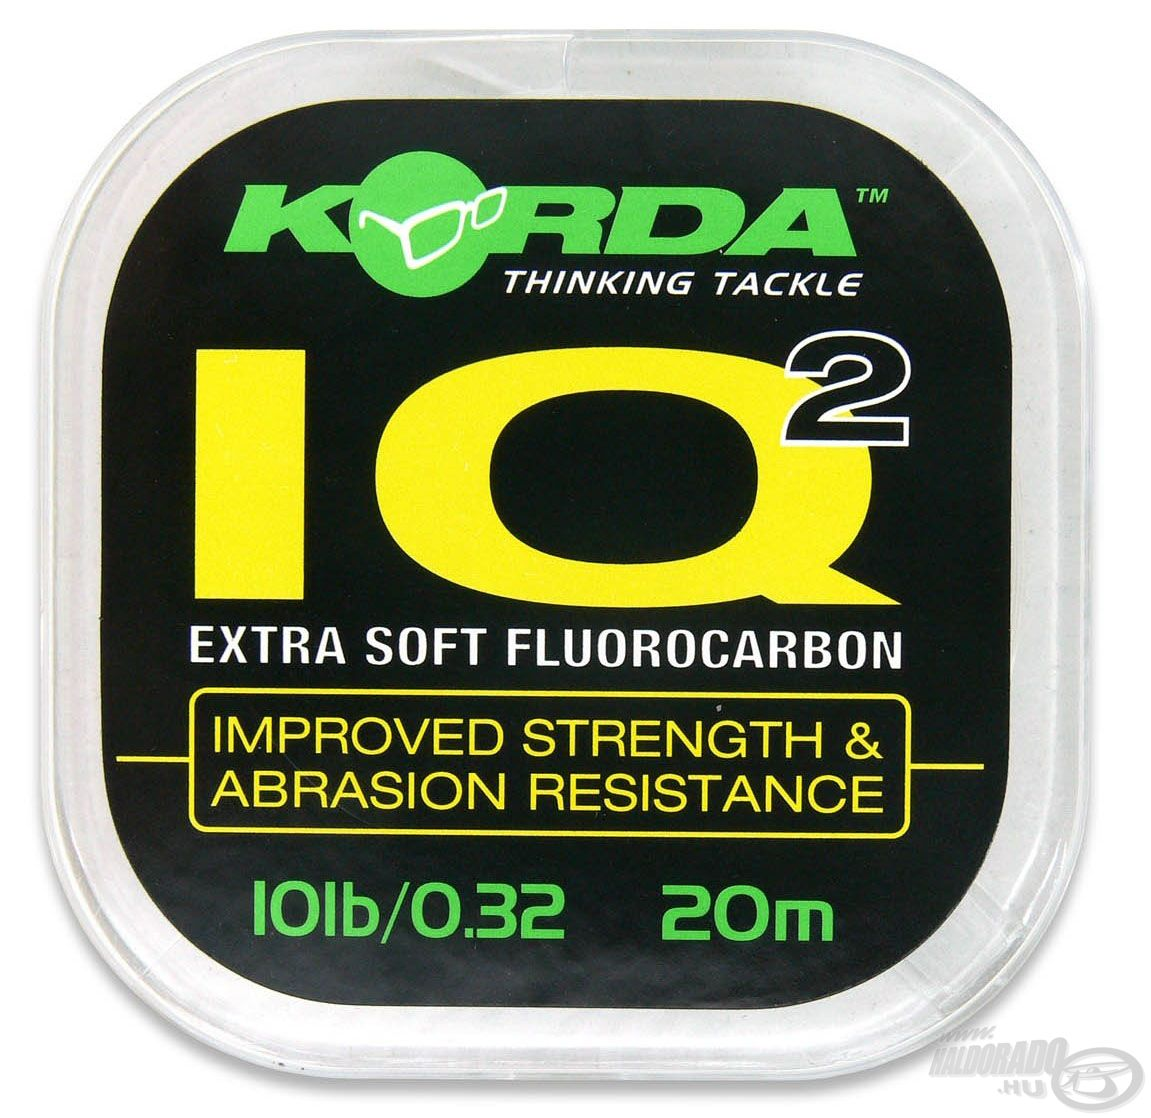 Az IQ egy fluorocarbon előkezsinór, anyagának a vízéhez hasonló a törésmutatója, ezért a vízben szinte láthatatlan